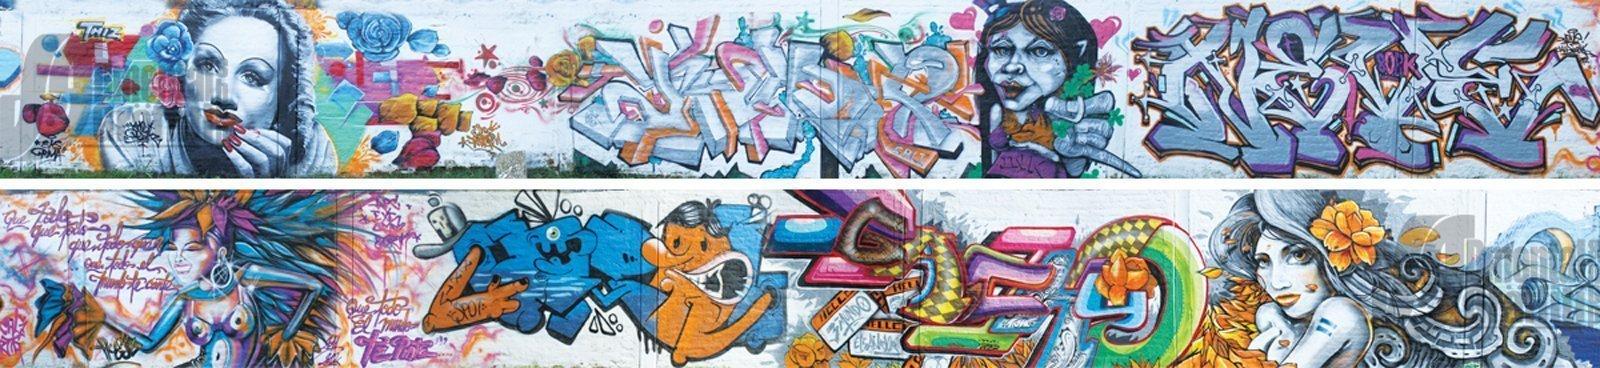 4-TCM-2010-CALI